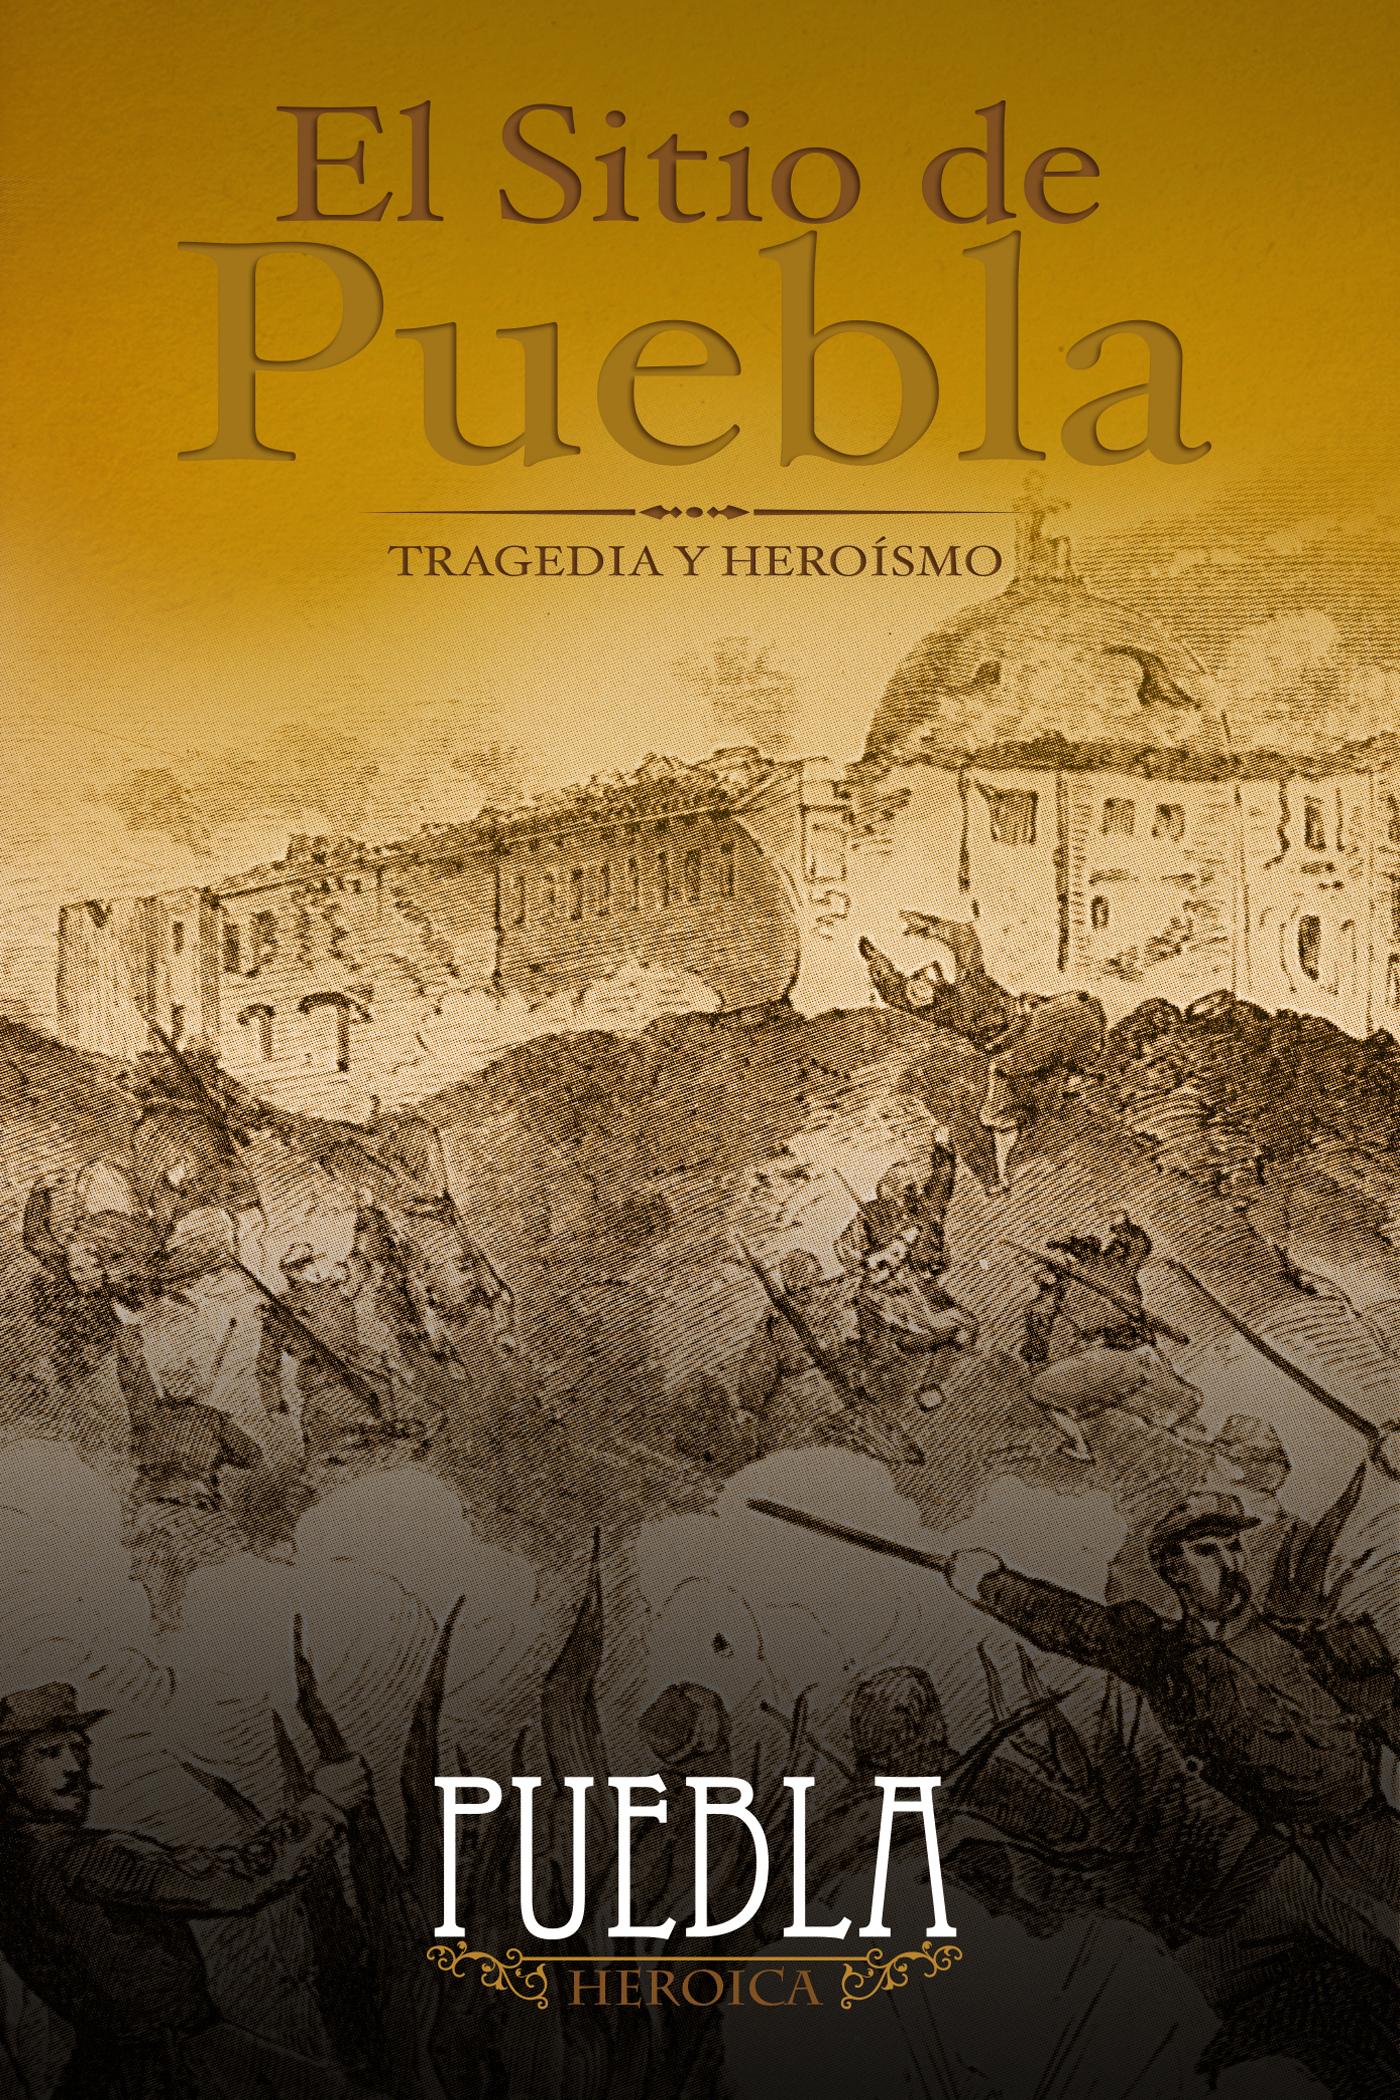 El sitio de Puebla - Poster.jpg